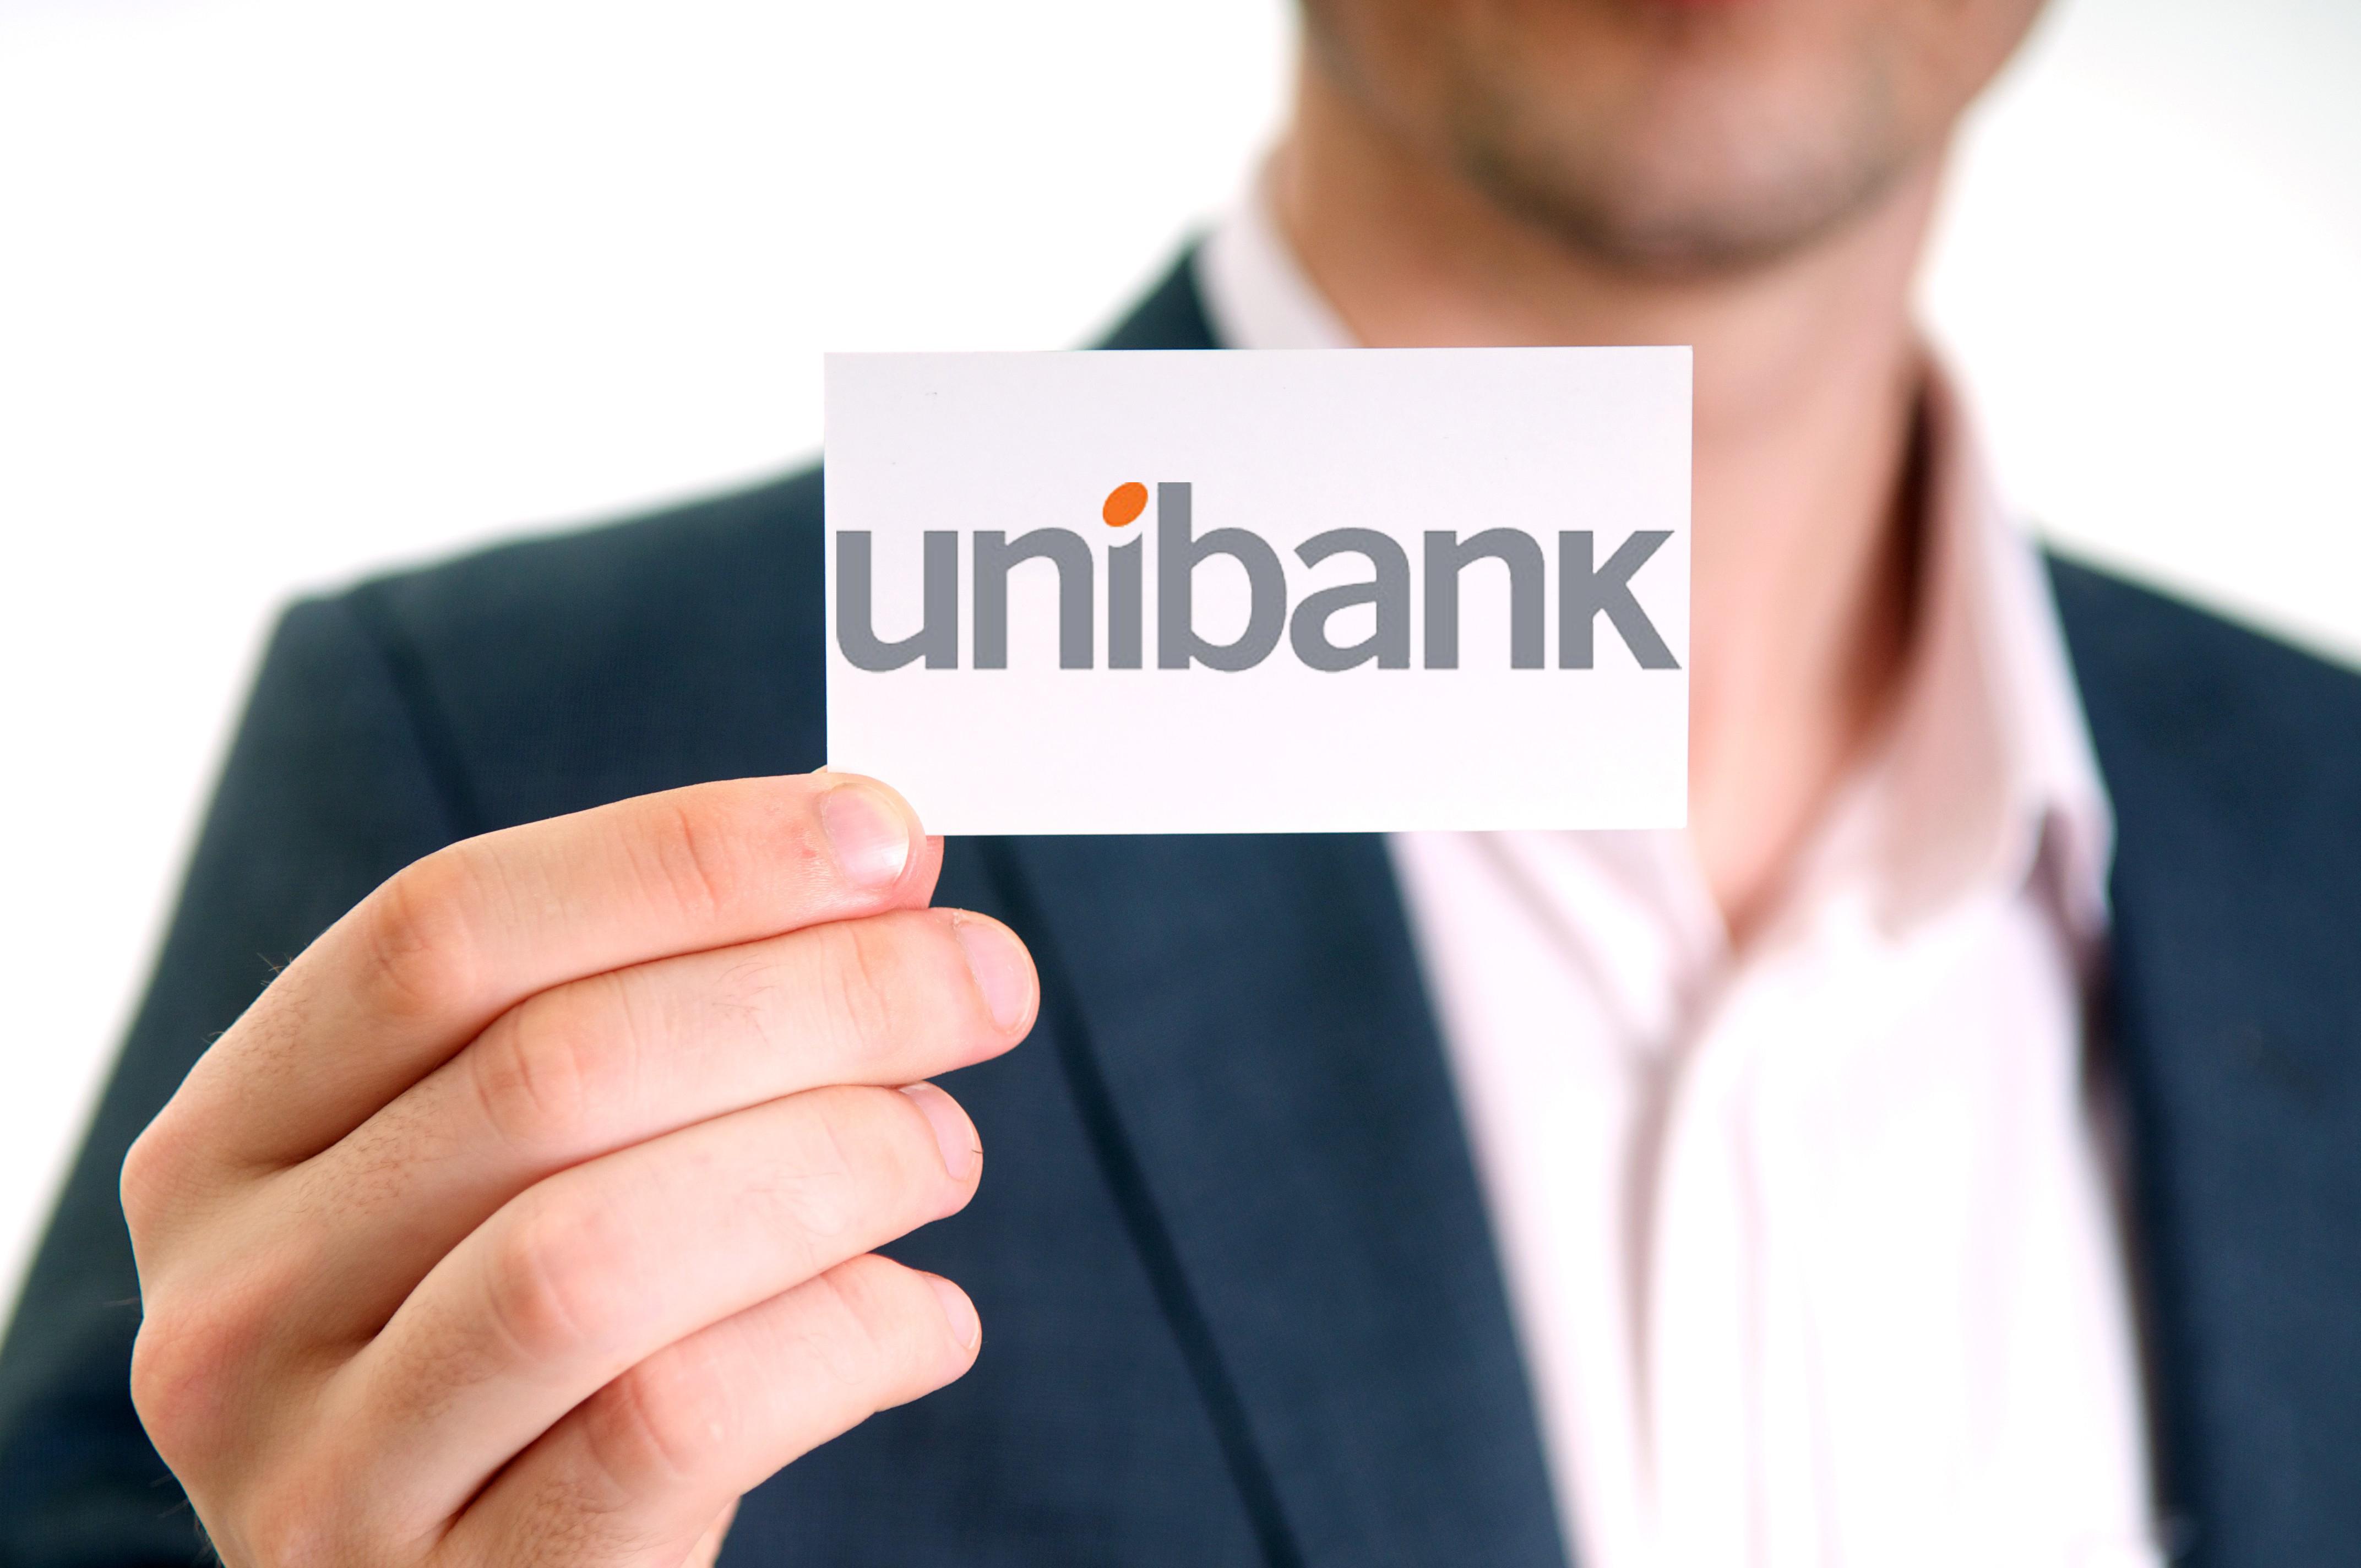 Unibank-da işləmək üçün fürsət!!!